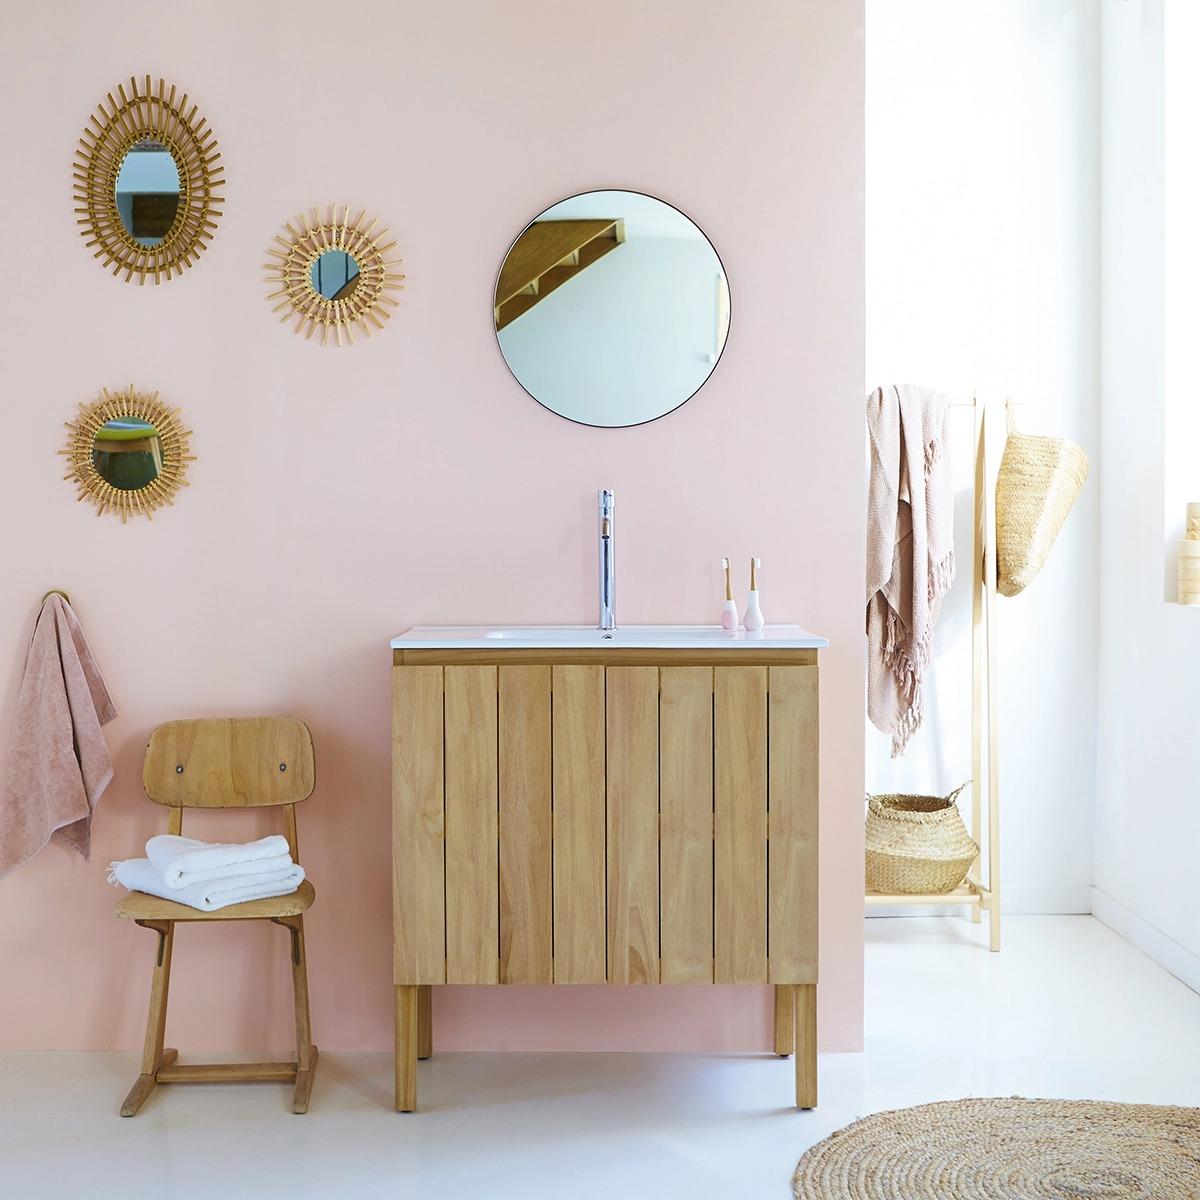 Mueble en teca maciza con Lavabo de cerámica 80 Jill